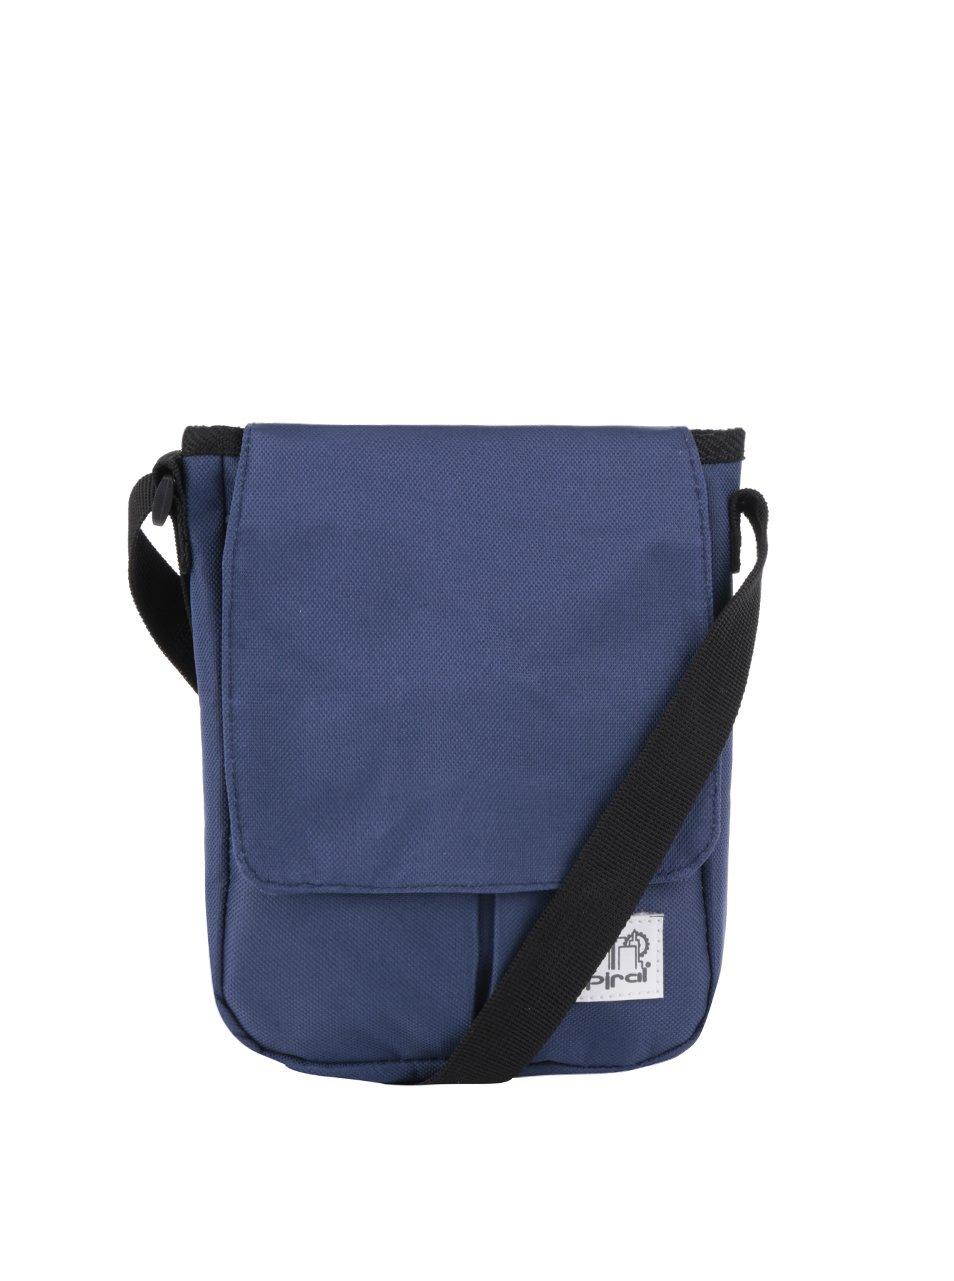 388fc1df88 Tmavě modrá pánská taška přes rameno Spiral Stanford   PánskáTaška.cz™